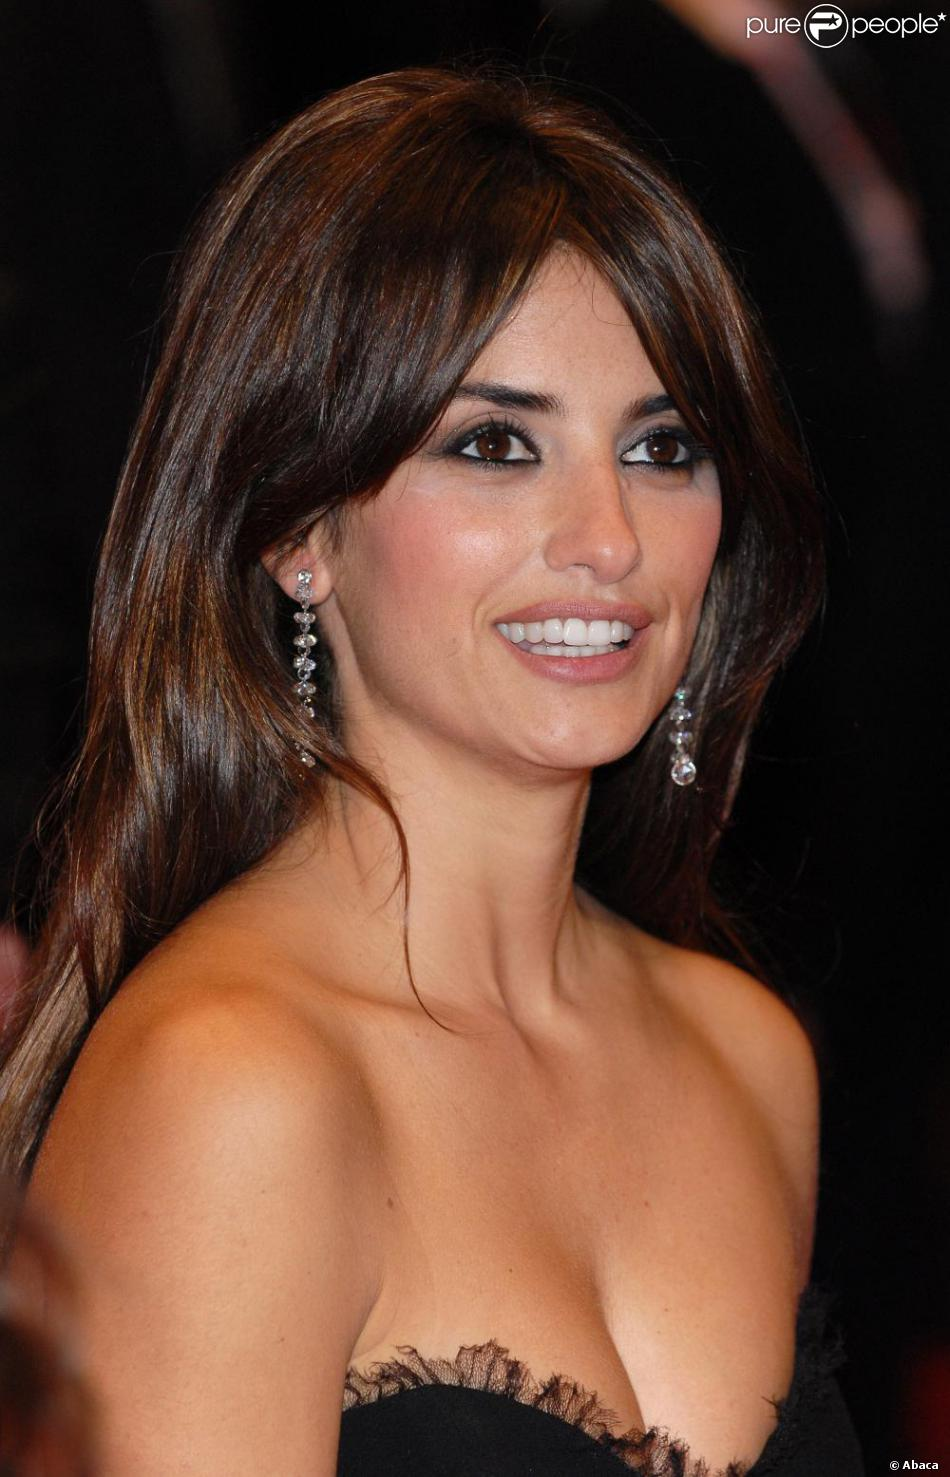 L 39 actrice ib re penelope cruz lors du festival du film de berlin a choisi de mettre l 39 accent - Actrice yeux bleus ...